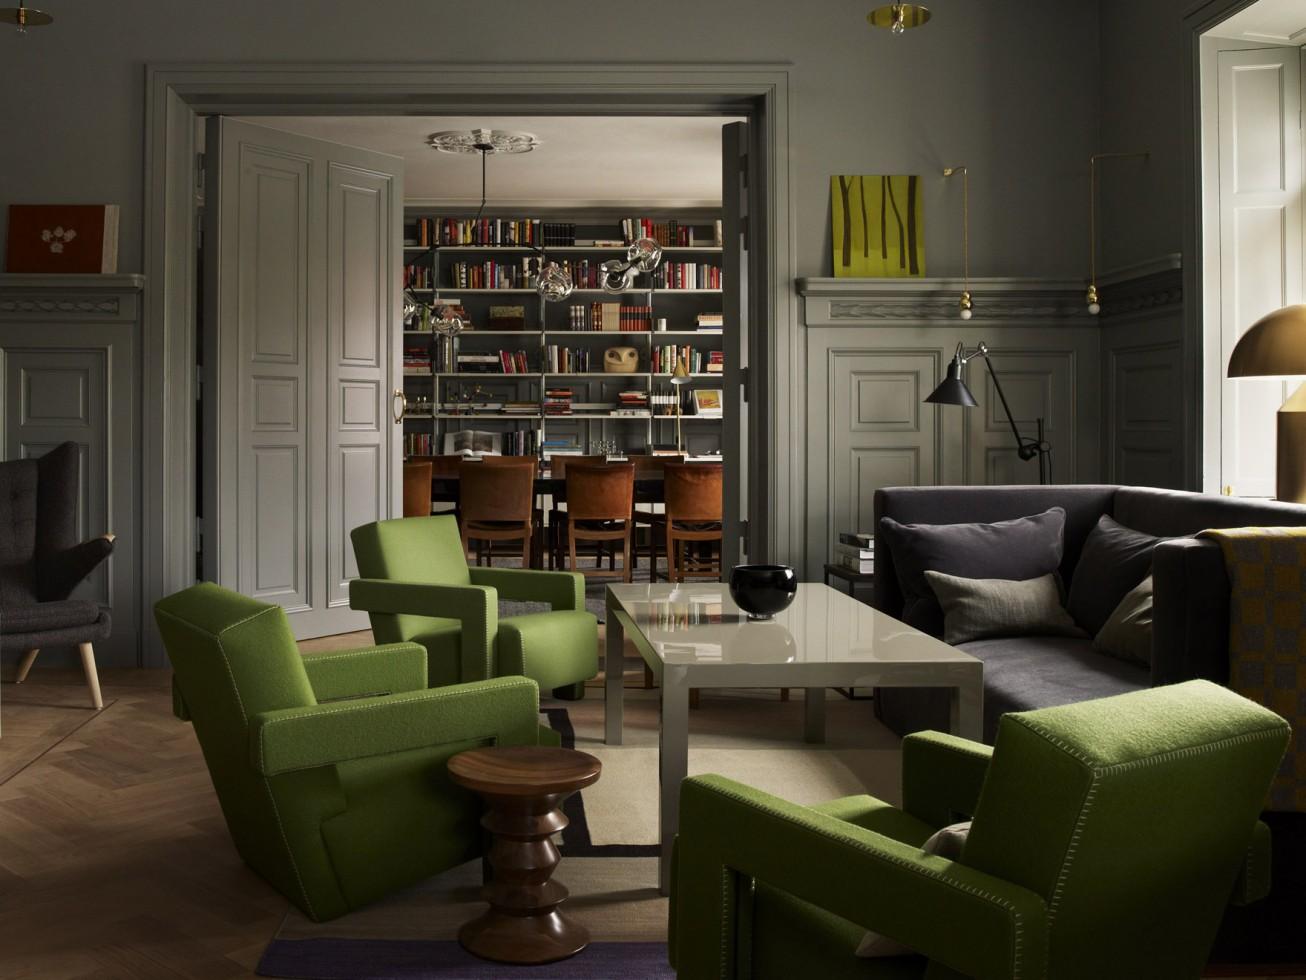 interior-salong_ett-hem_badrumsdrommar